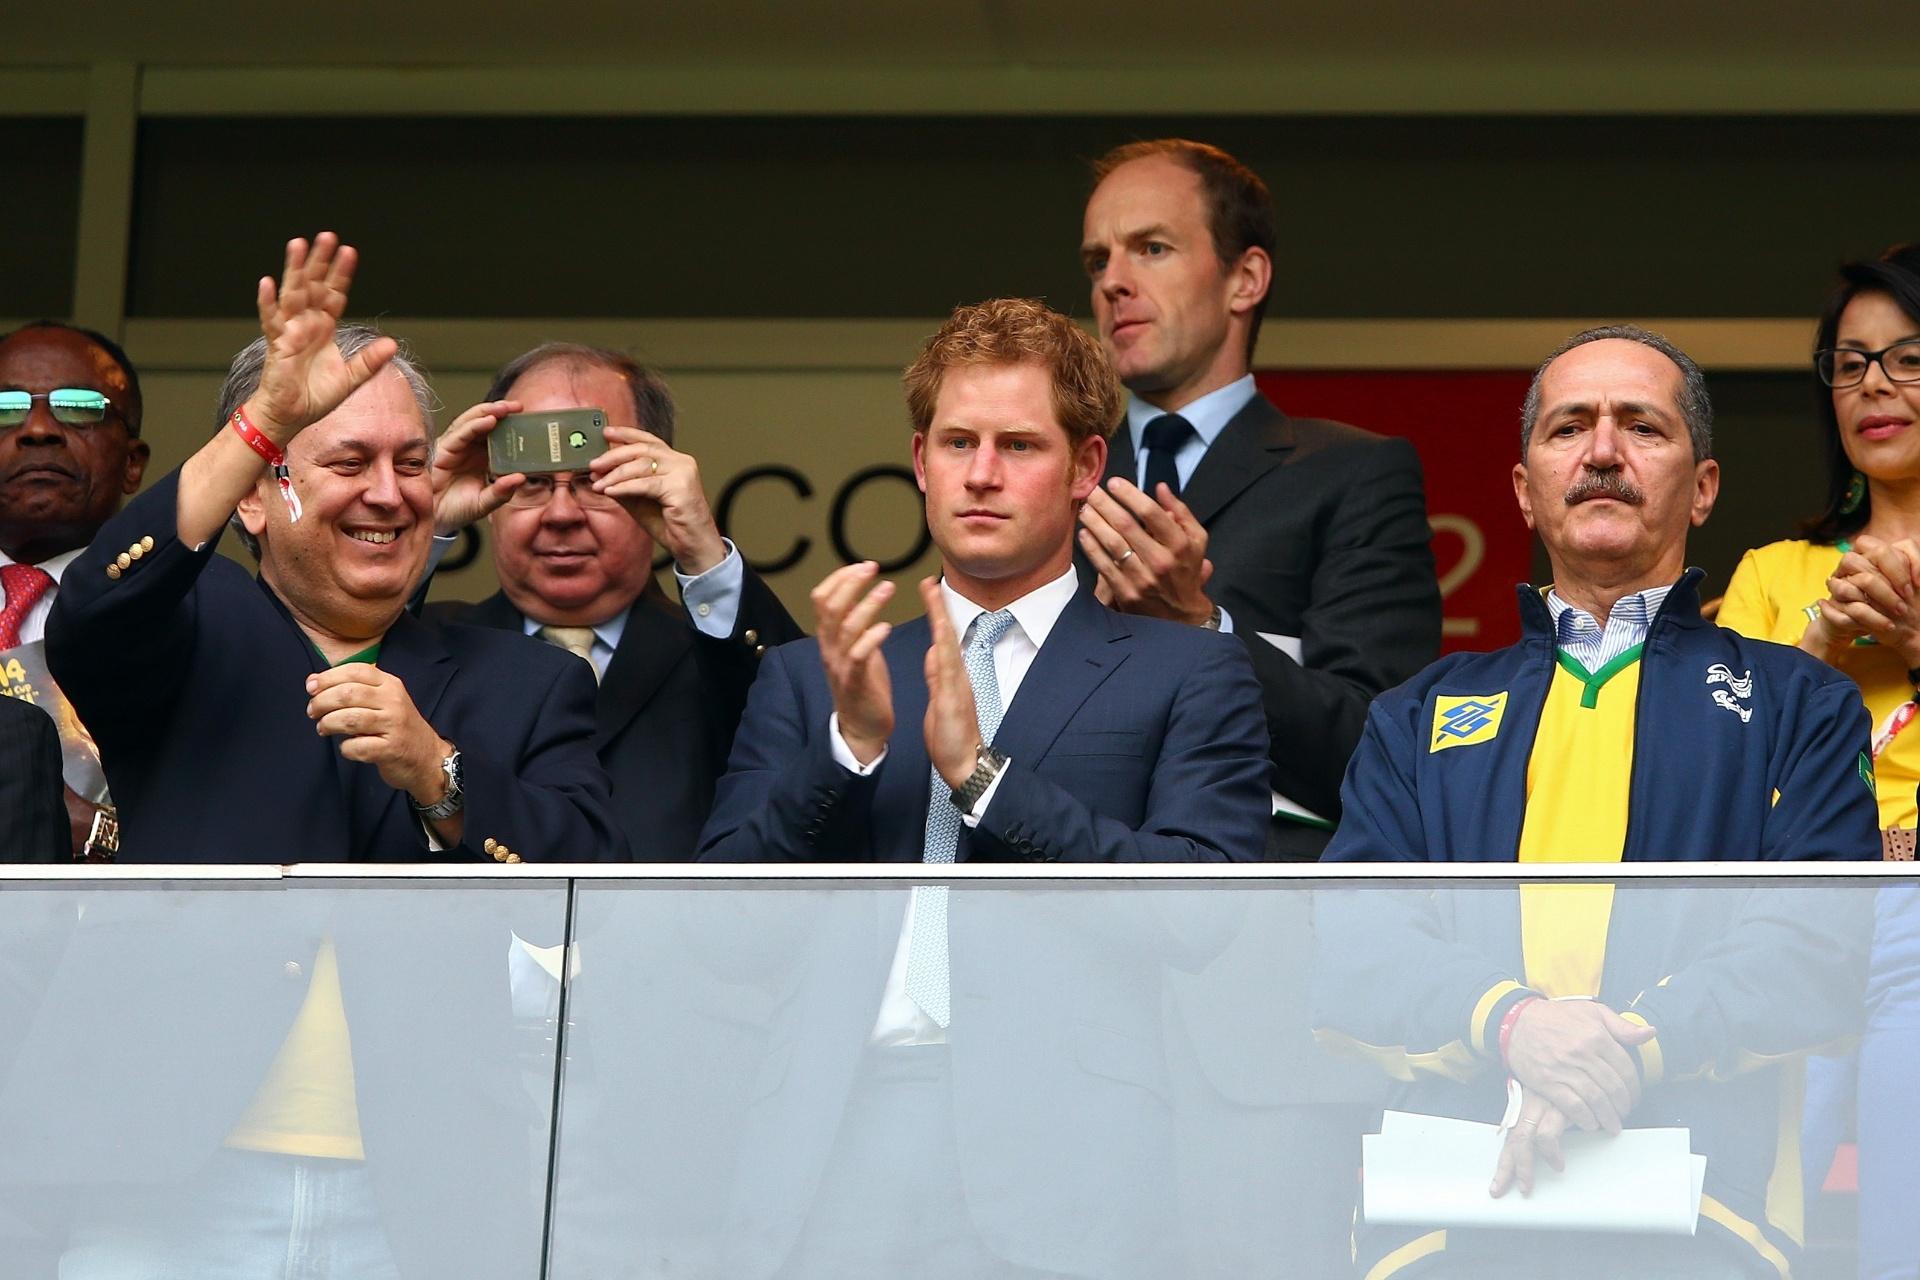 23jun2014---principe-harry-bate-palmas-ao-lado-do-ministro-aldo-rebelo-camarote-do-jogo-brasil-x-camaroes-no-estadio-nacional-em-brasilia-1403556392710_1920x1280